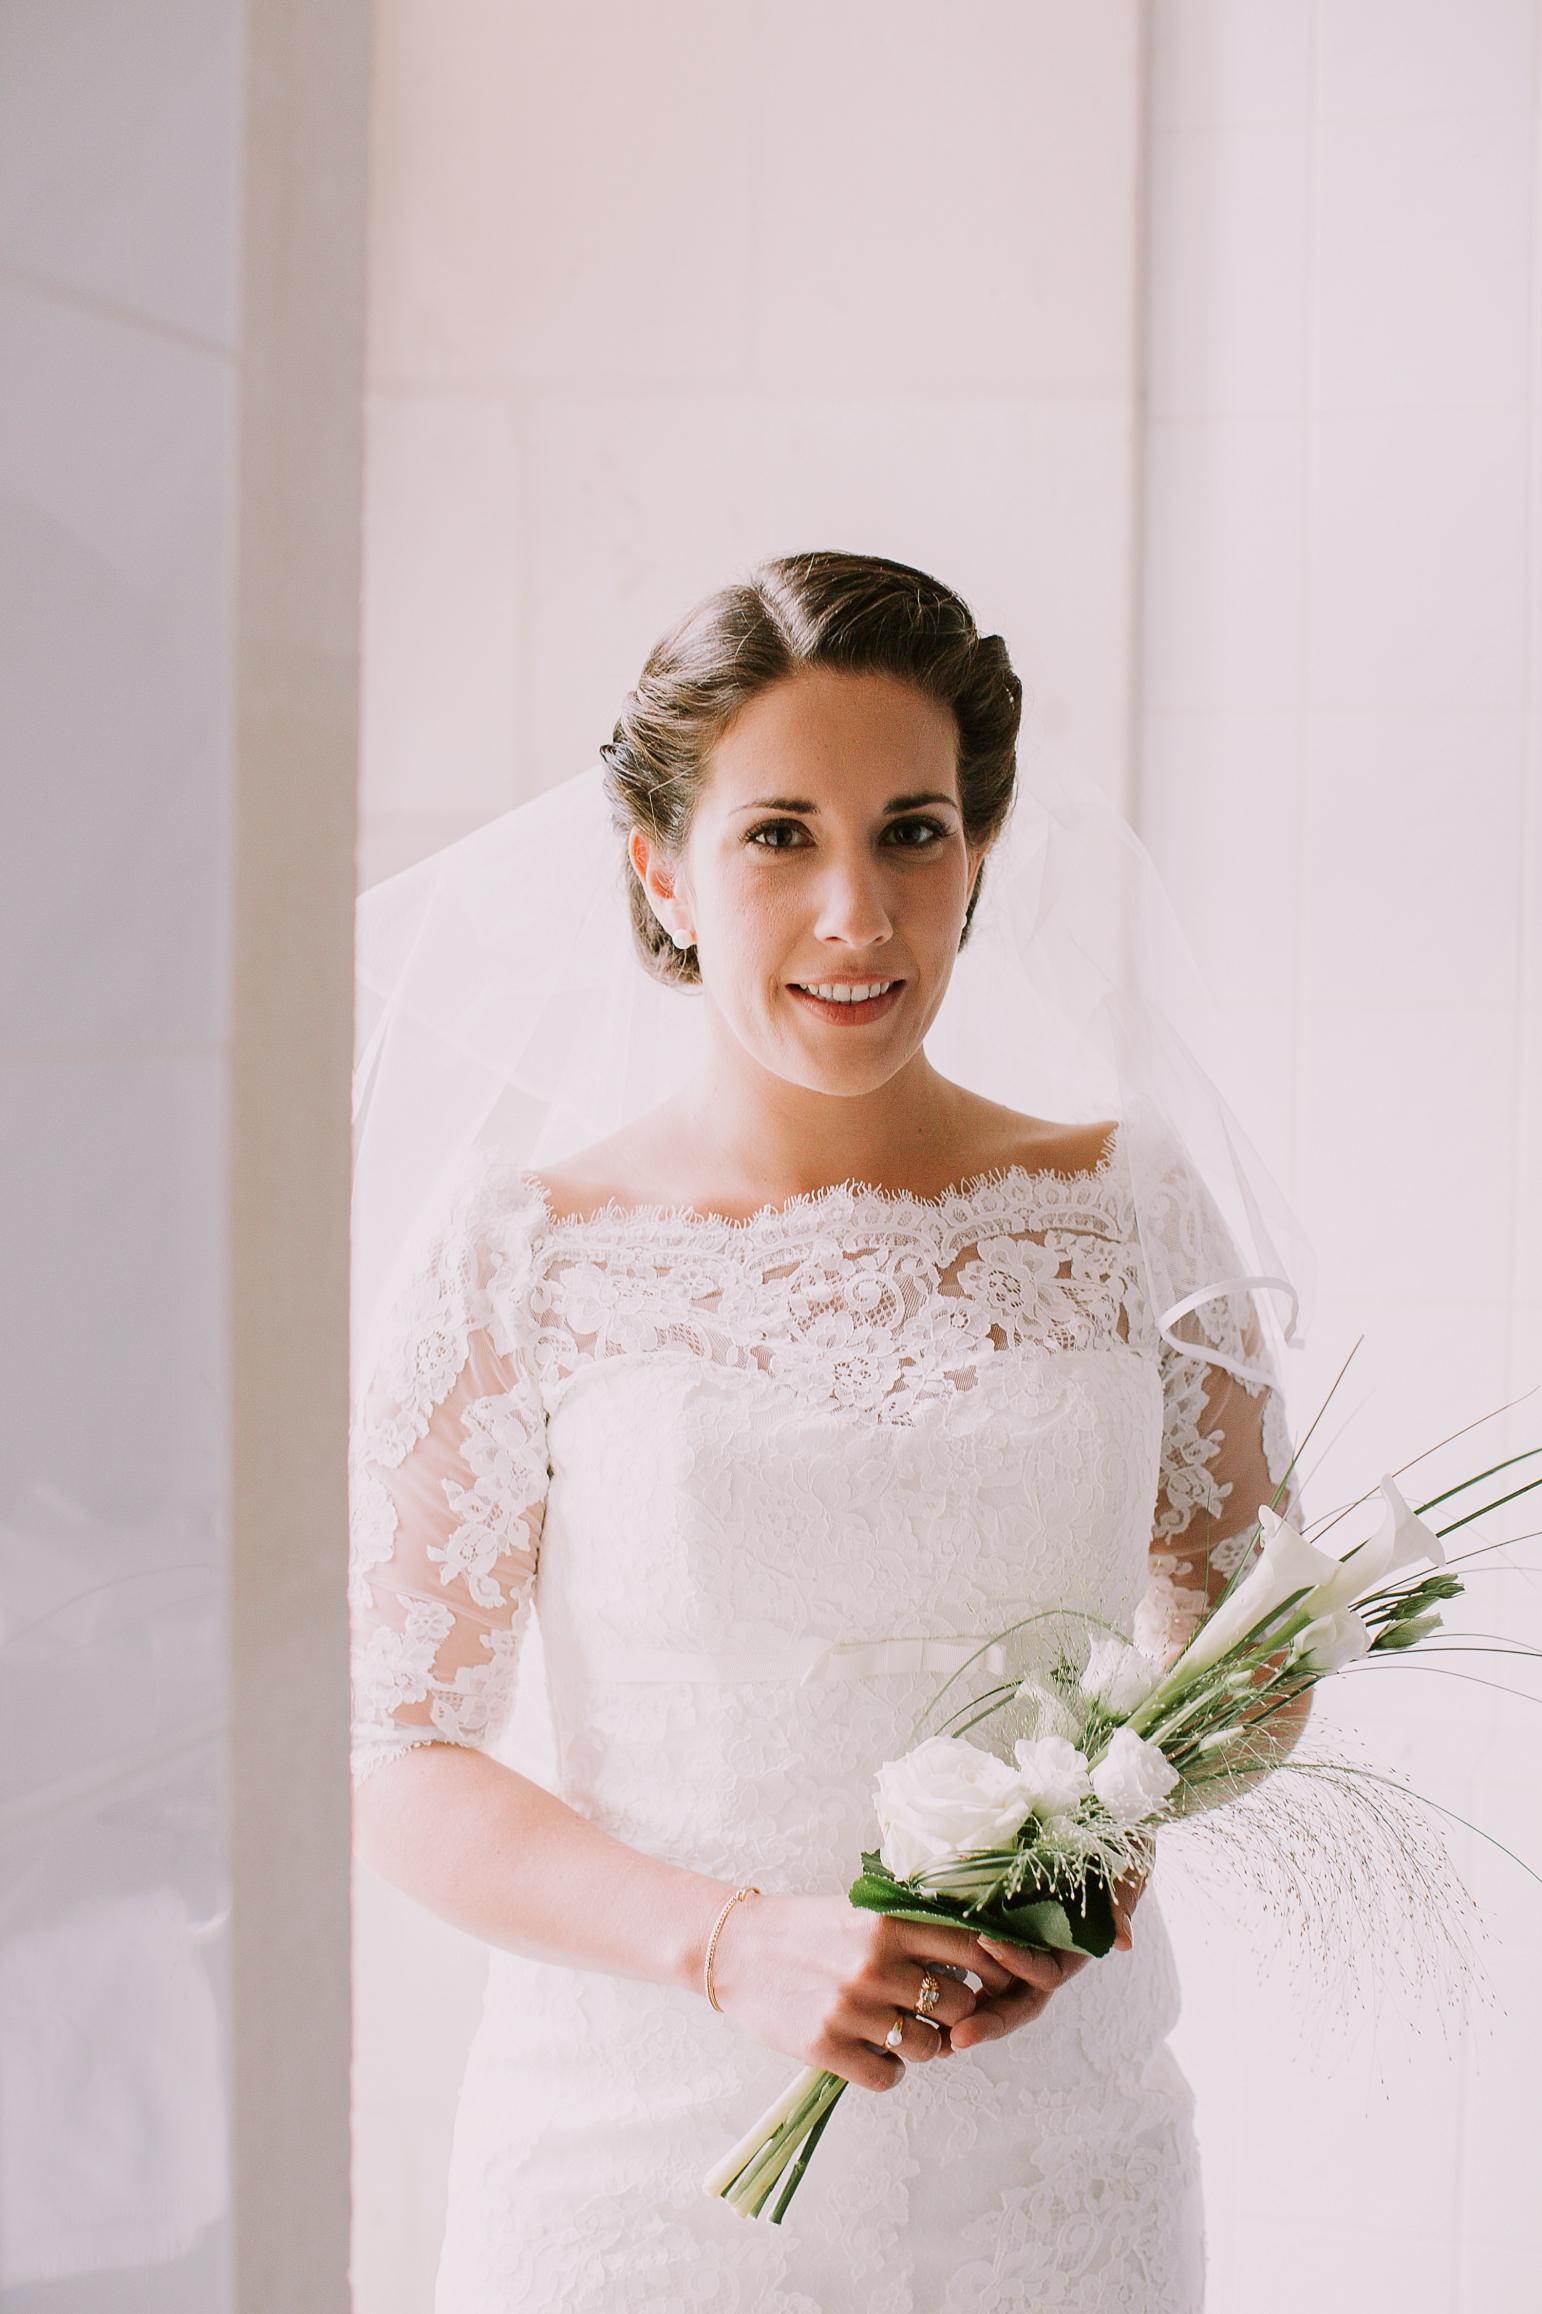 kateryna-photos-mariage-wedding-france-bretagne-pays-de-la-loire-chateau-de-la-colaissiere-st-sauveur-de-landemont_0031.jpg